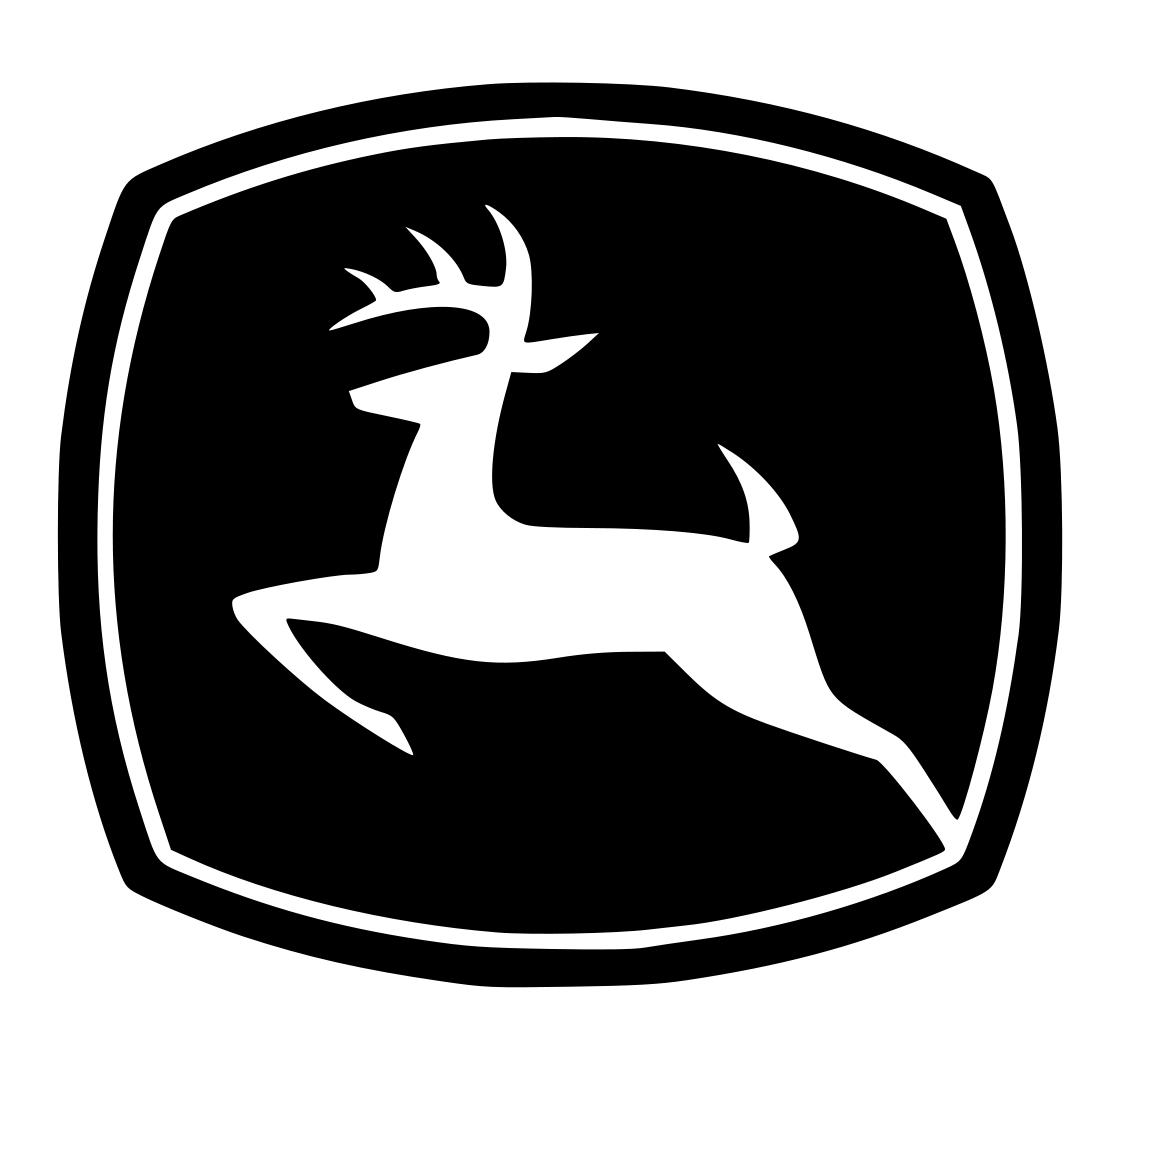 Free SVG Files for Cricut John